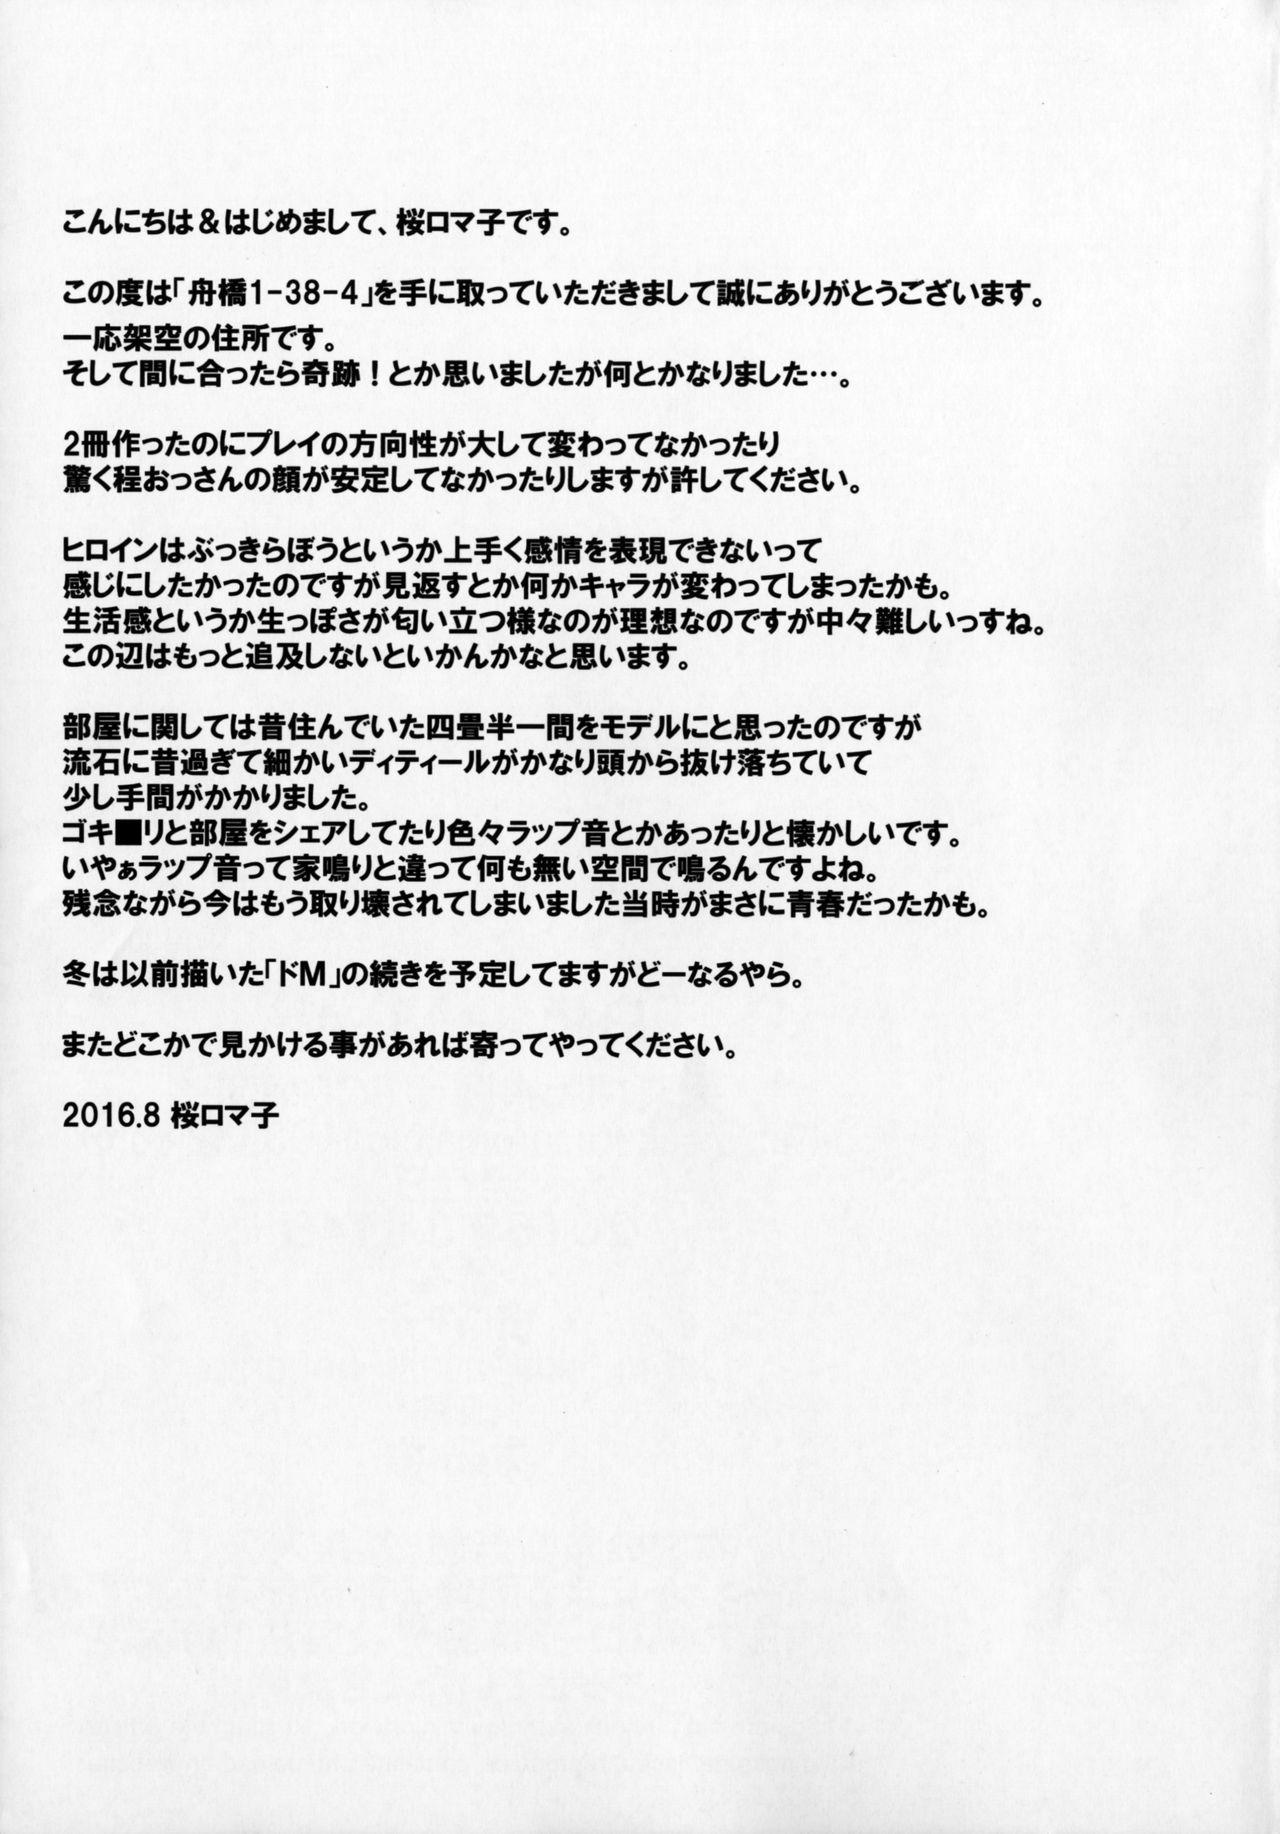 (C90) [Tairikukan Dandoudan Dan (Sakura Romako)] Funabashi1-38-4 19